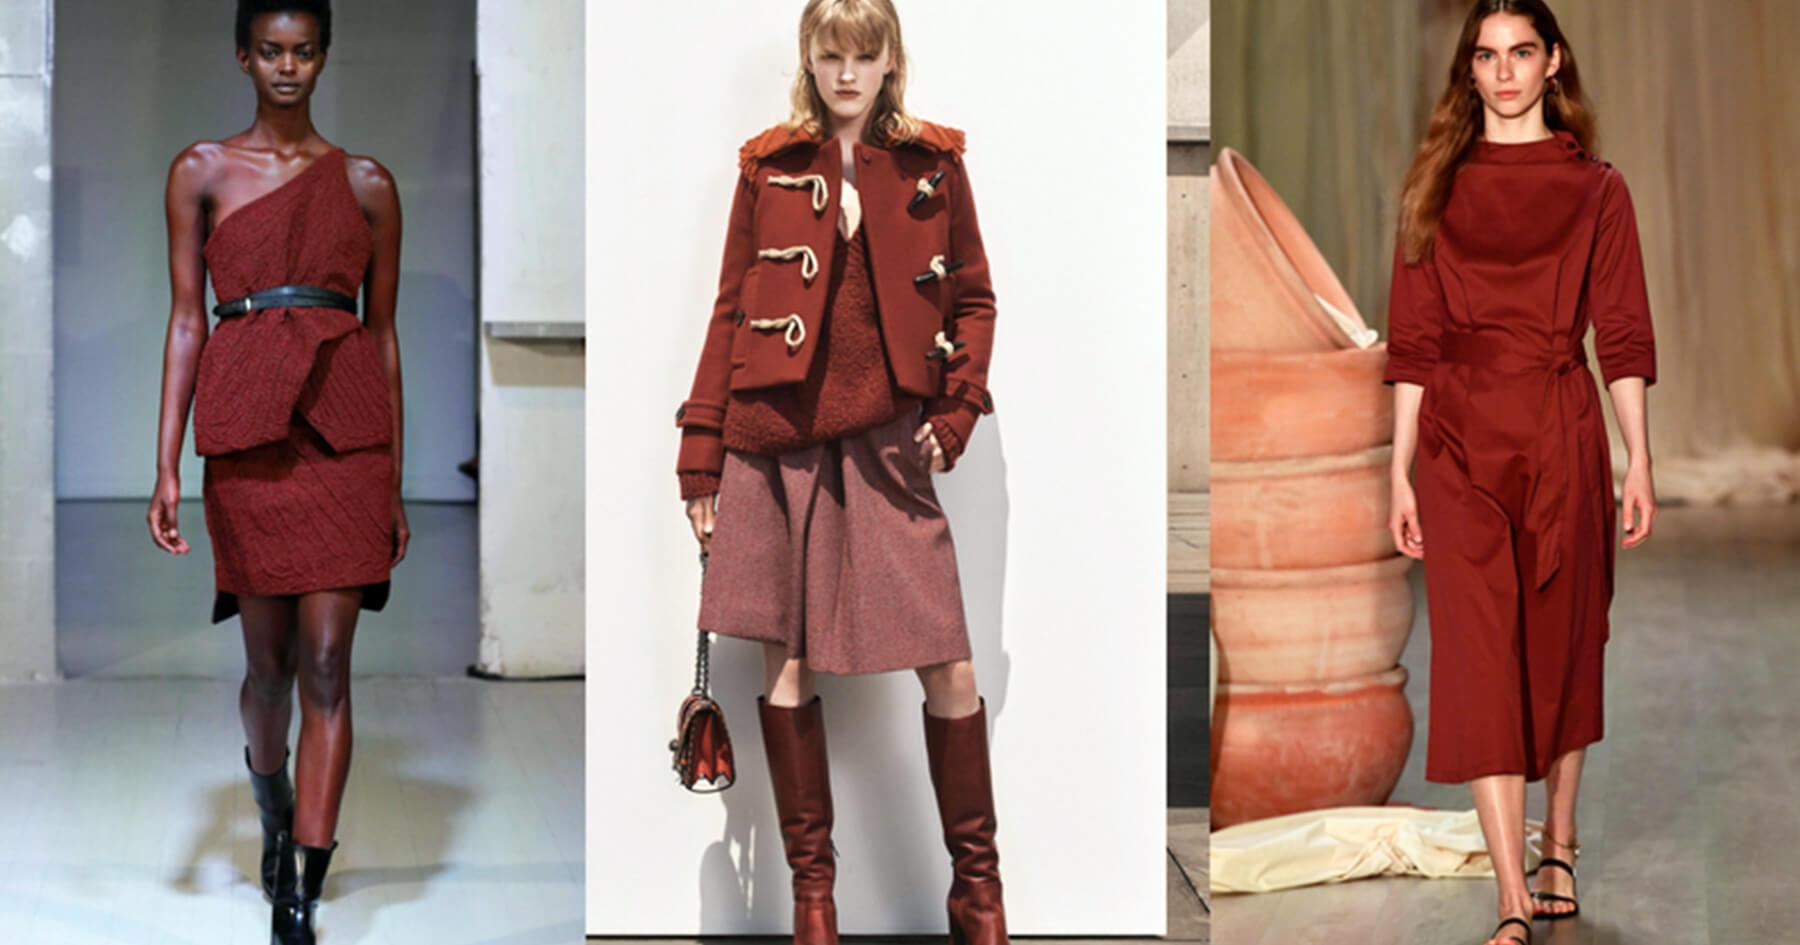 Đỏ auburn - Xu hướng sắc màu thời trang 2019